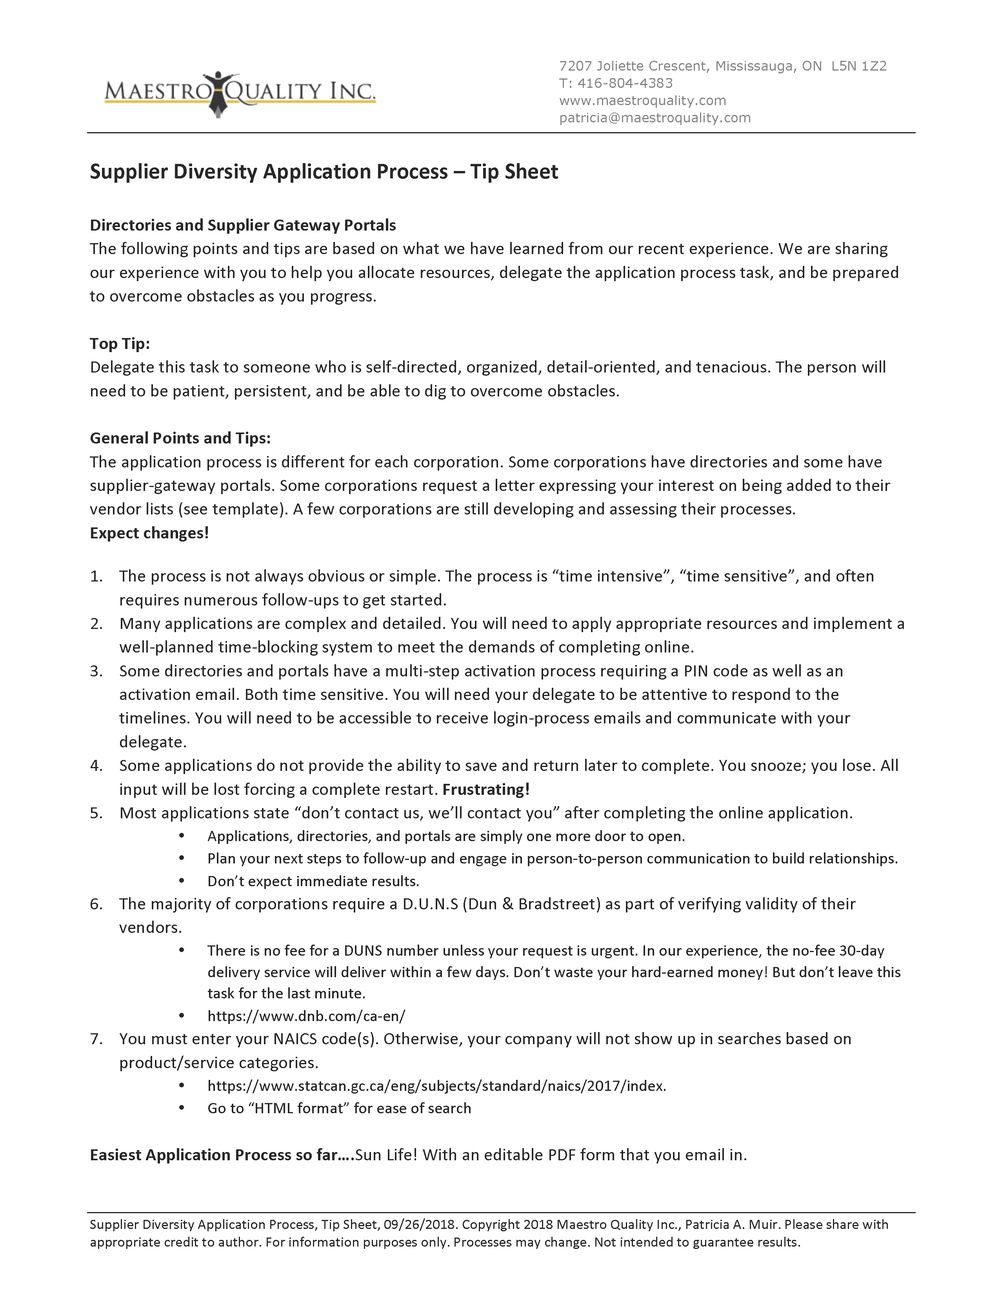 SD App Process Tip Sheet 09262018.png